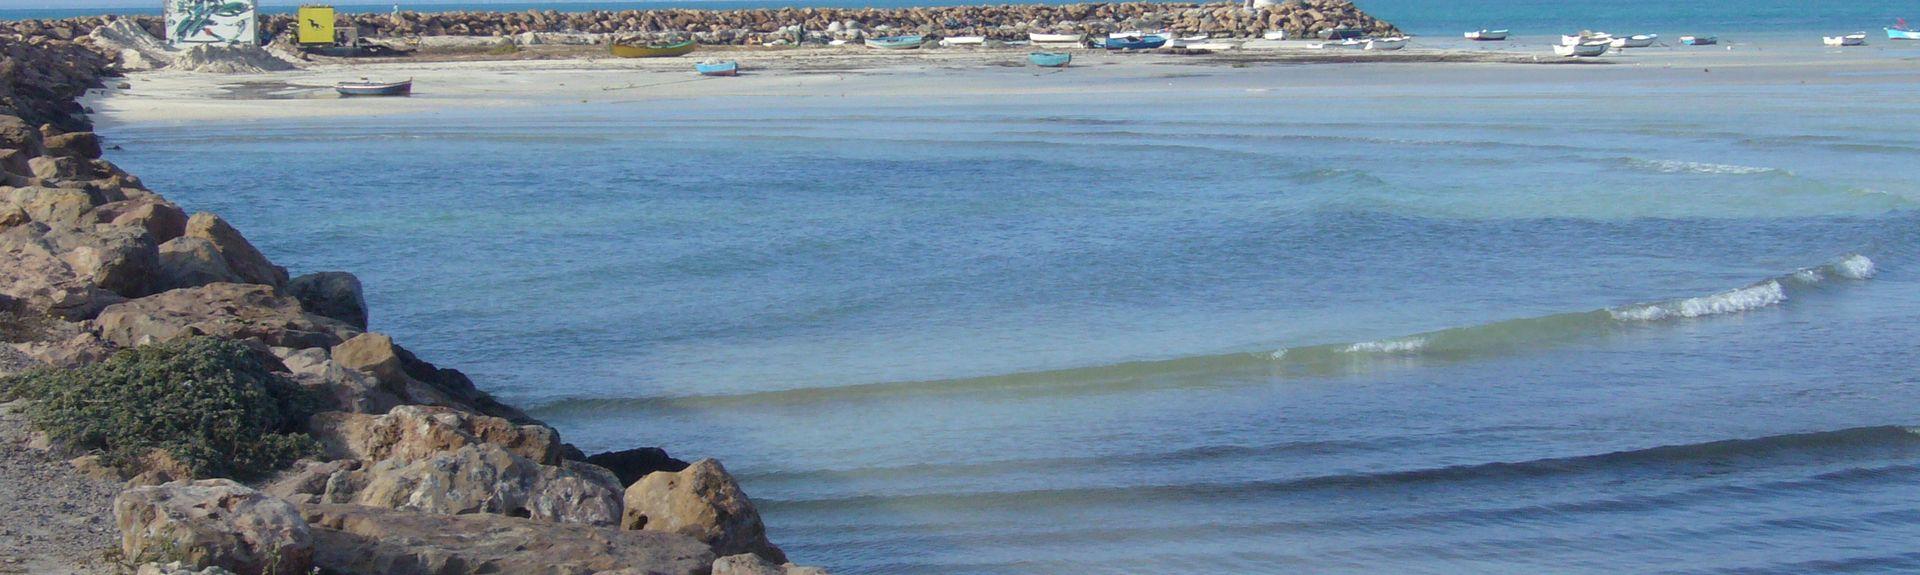 Houmet Souk, Tunisia